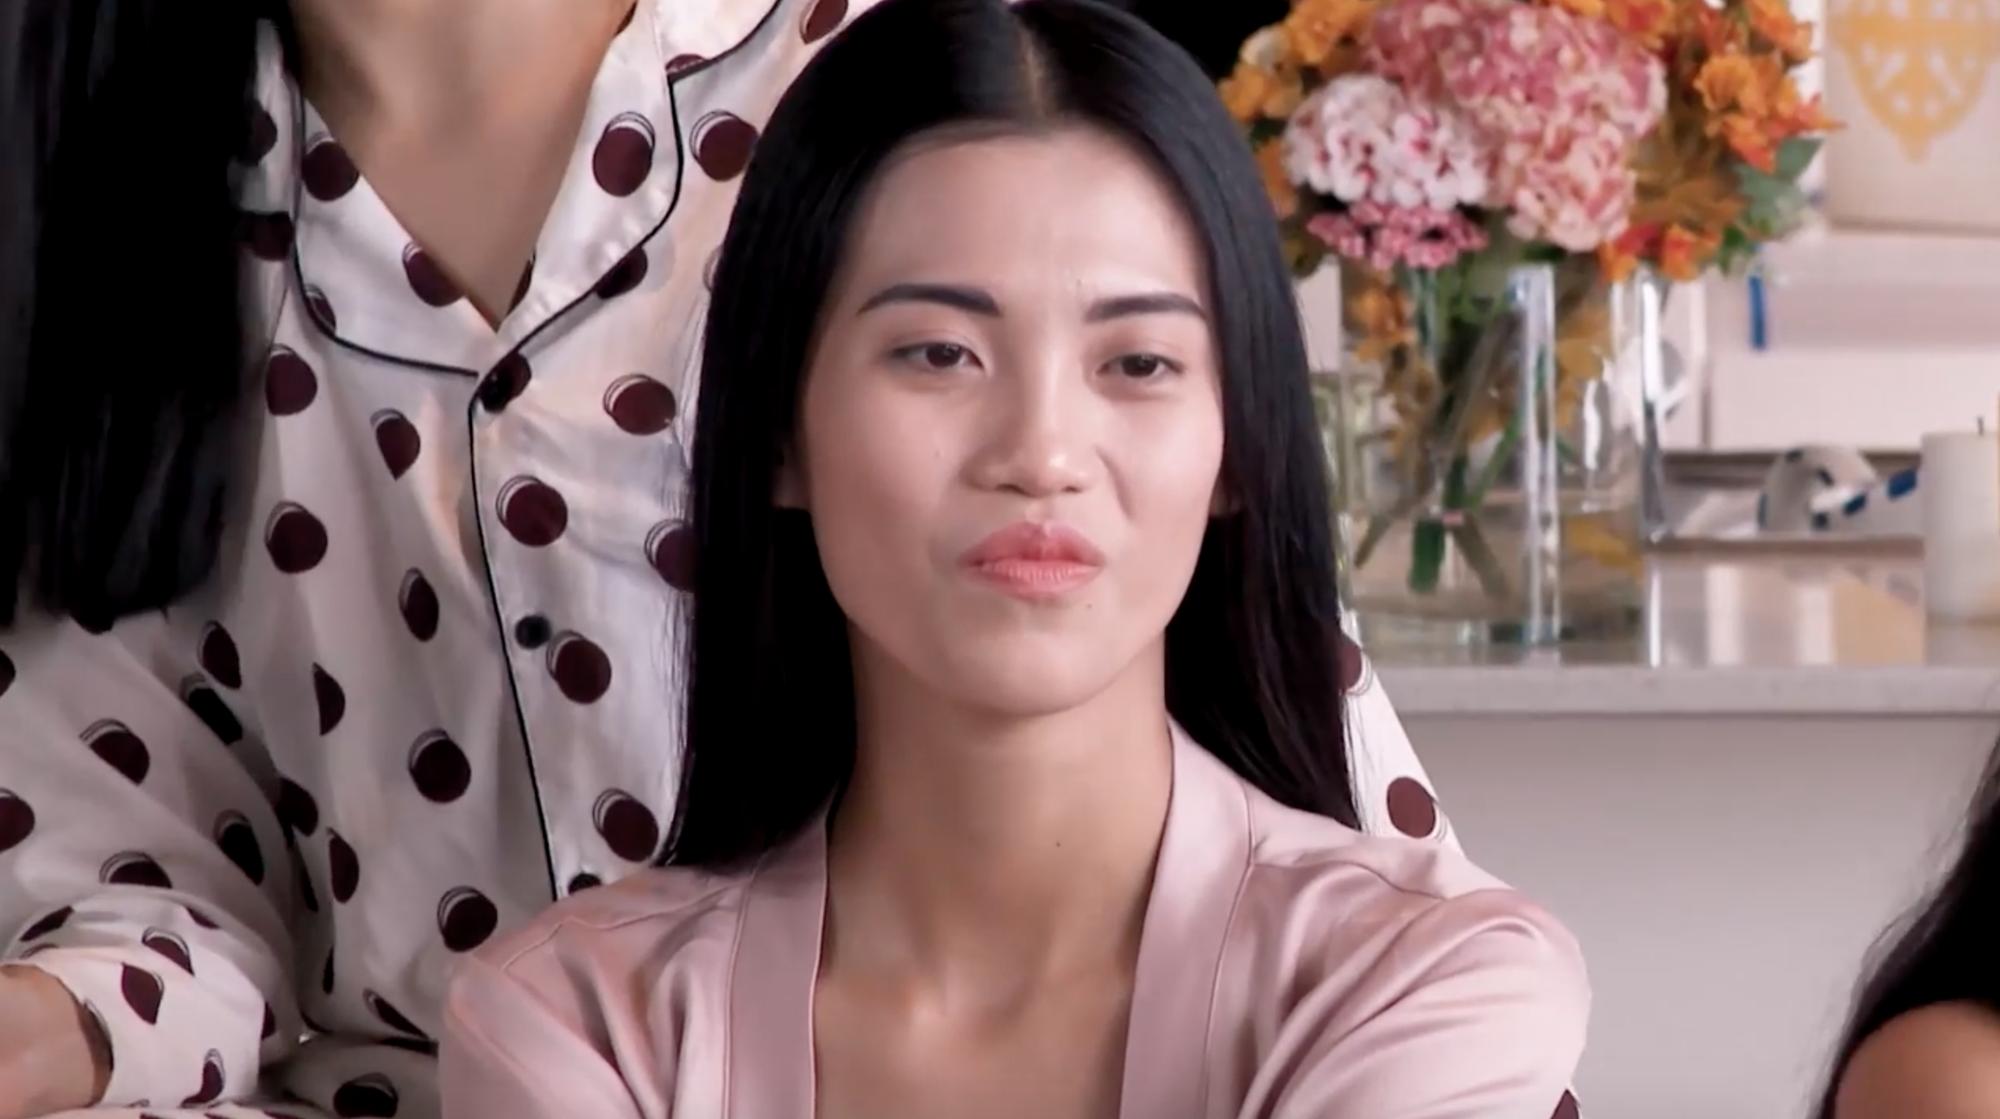 Cô gái này ngày càng giống Lan Khuê, giống nhất ở cái bĩu môi và biểu cảm như... mắc răng - Ảnh 4.